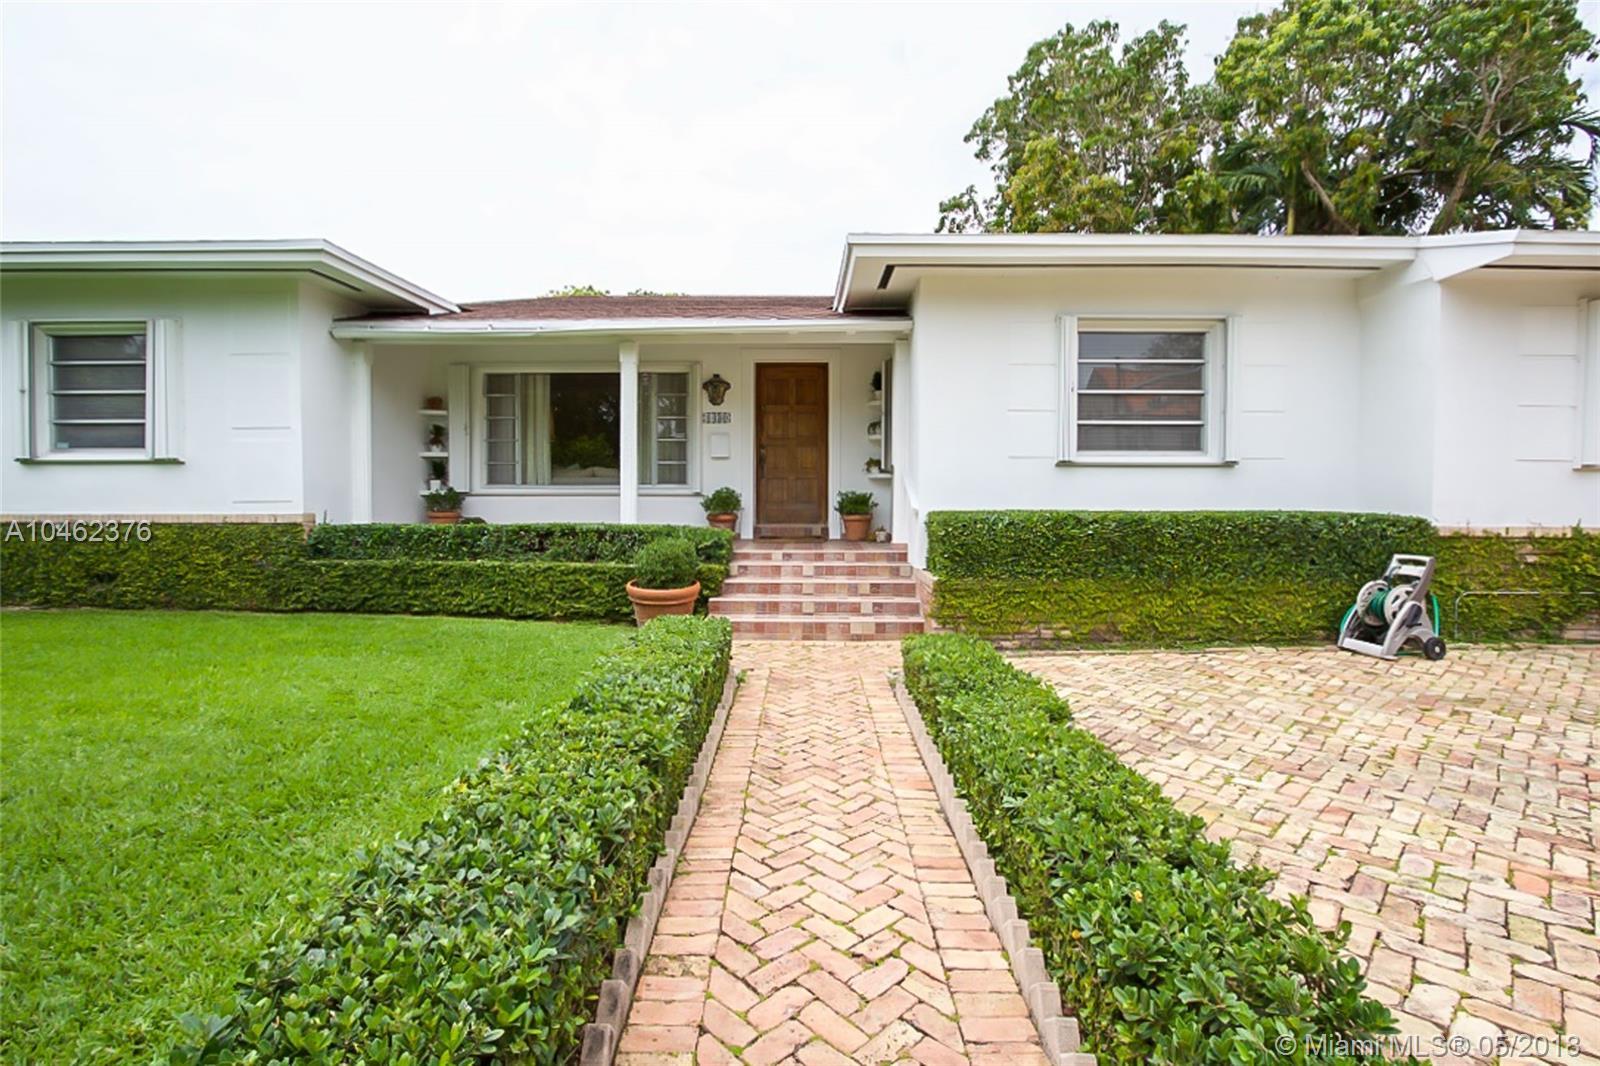 1430 Sw 12th Ave, Miami FL, 33129